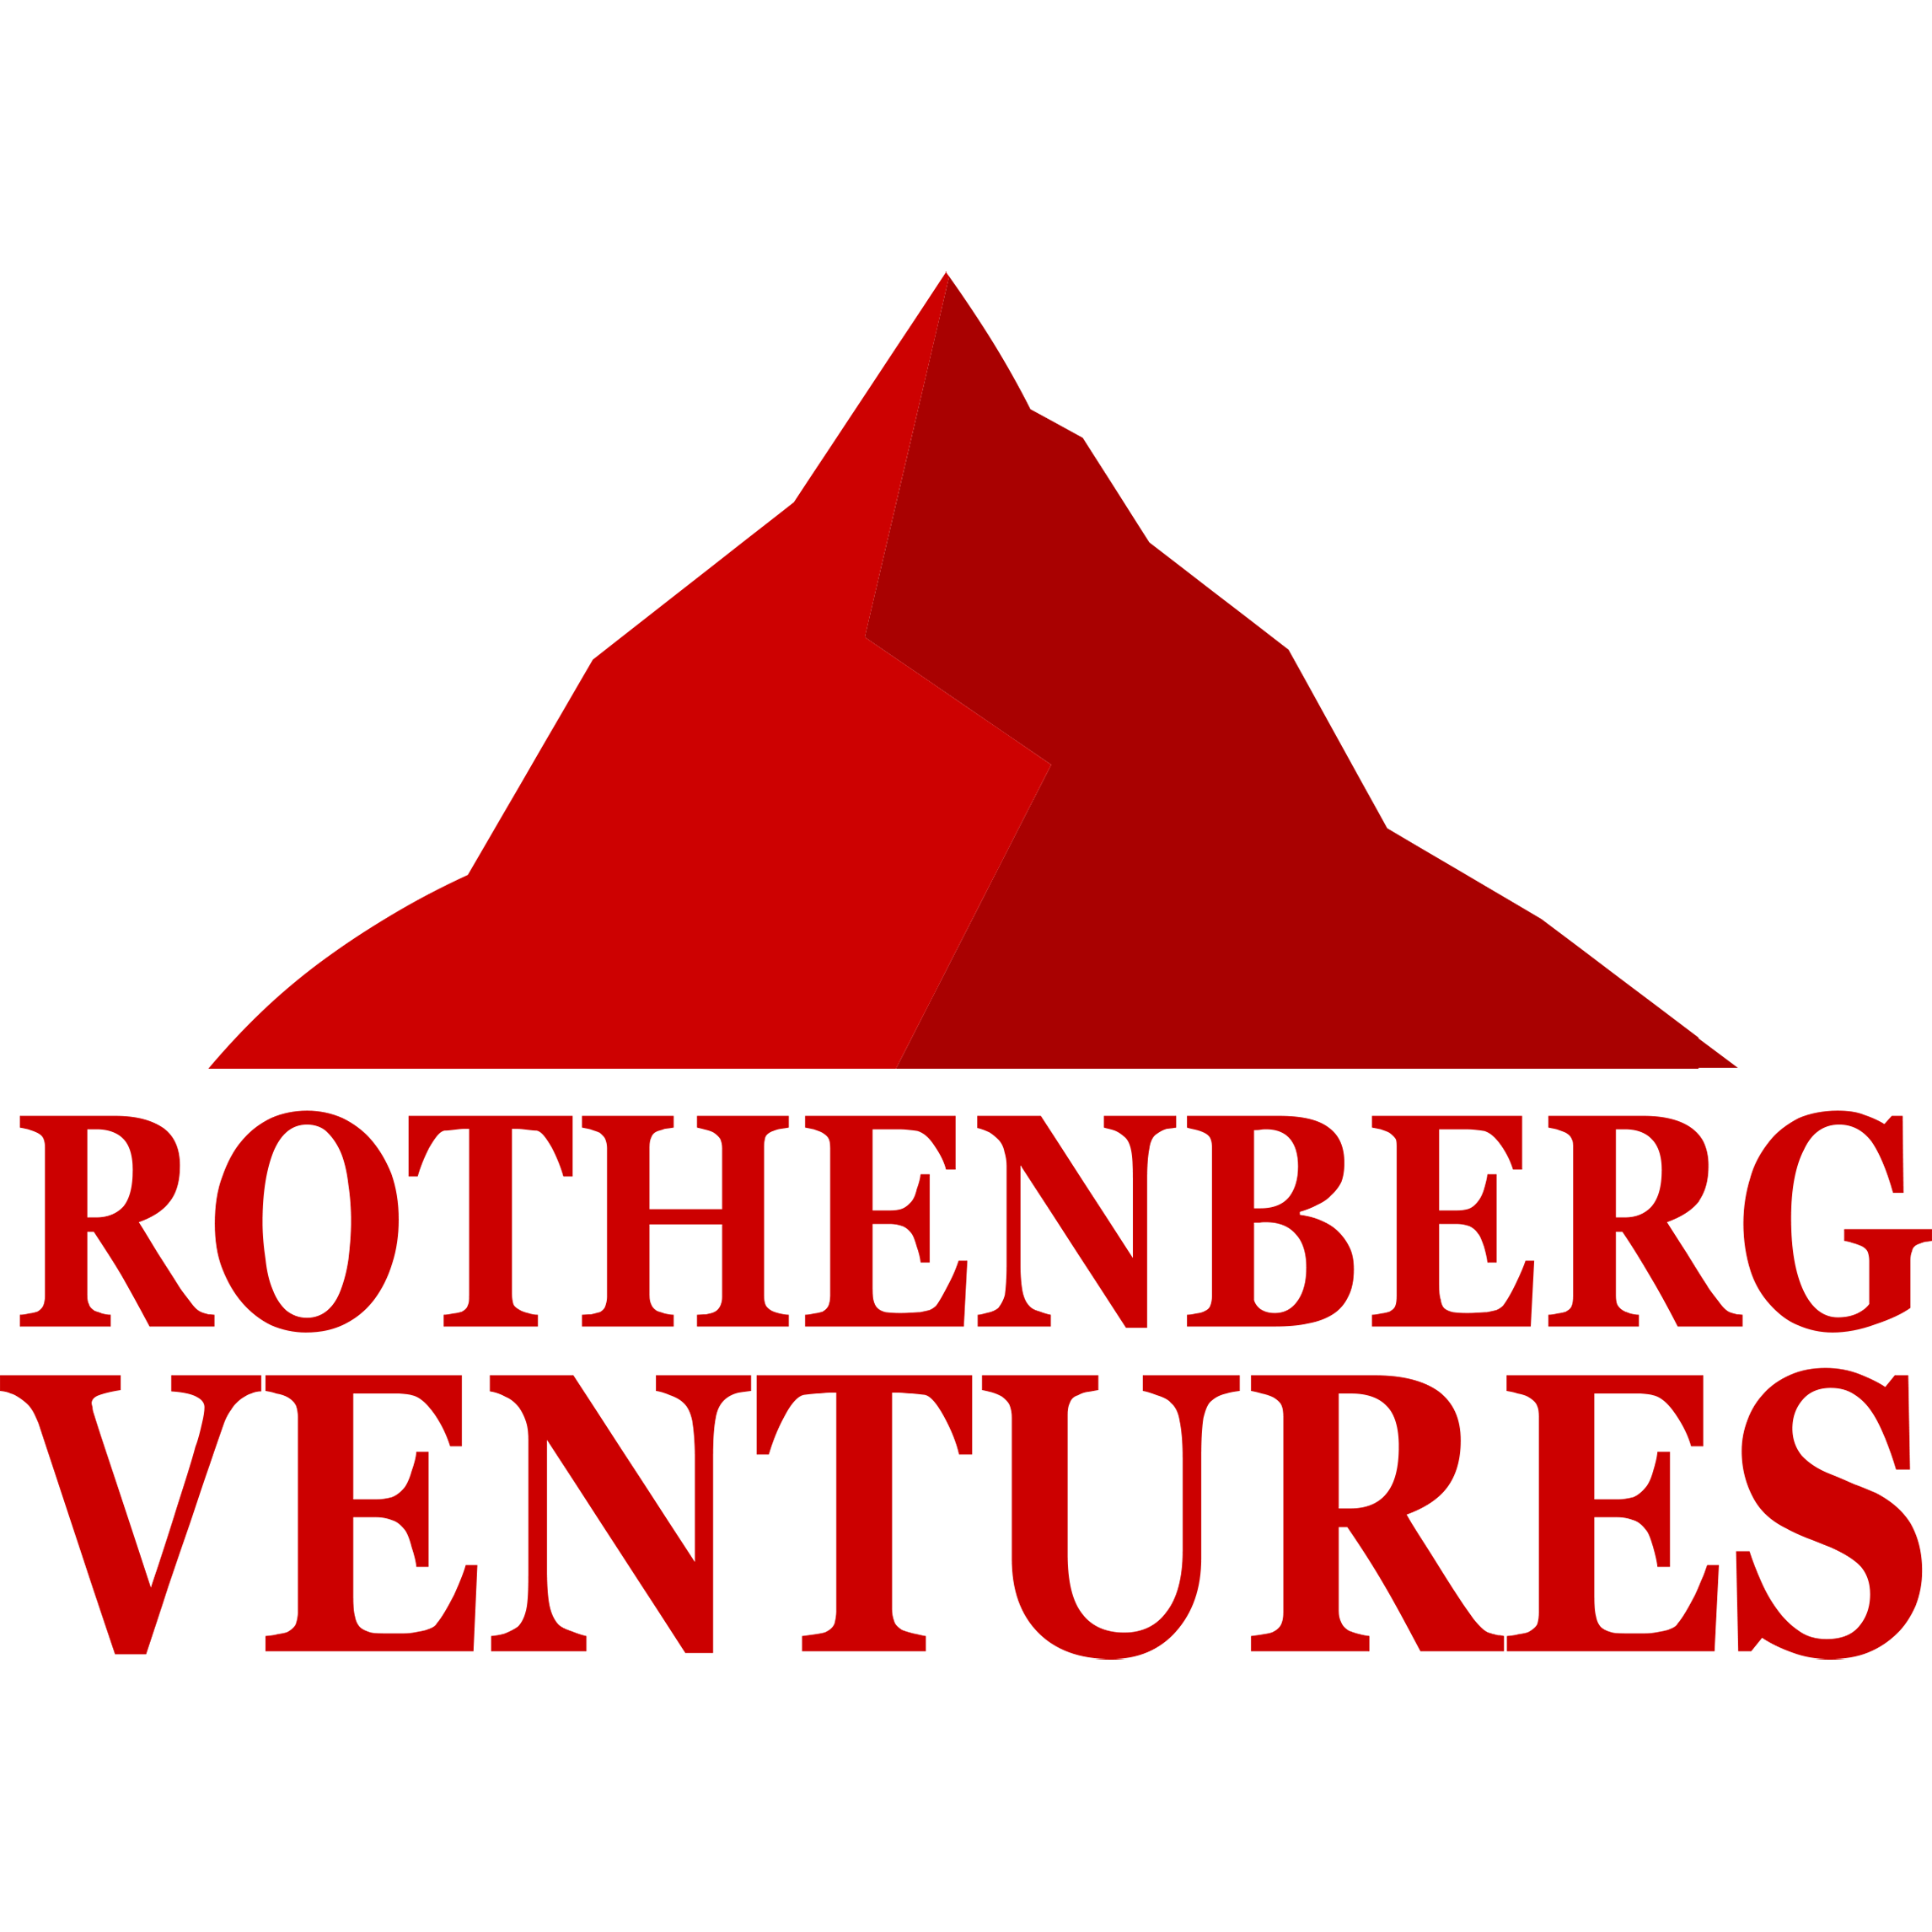 Rothenberg ventures 29d2cfb5e801691b5c376fa48dd79801e6e87c9dc1db8a78d75aa0d37c2c0f19